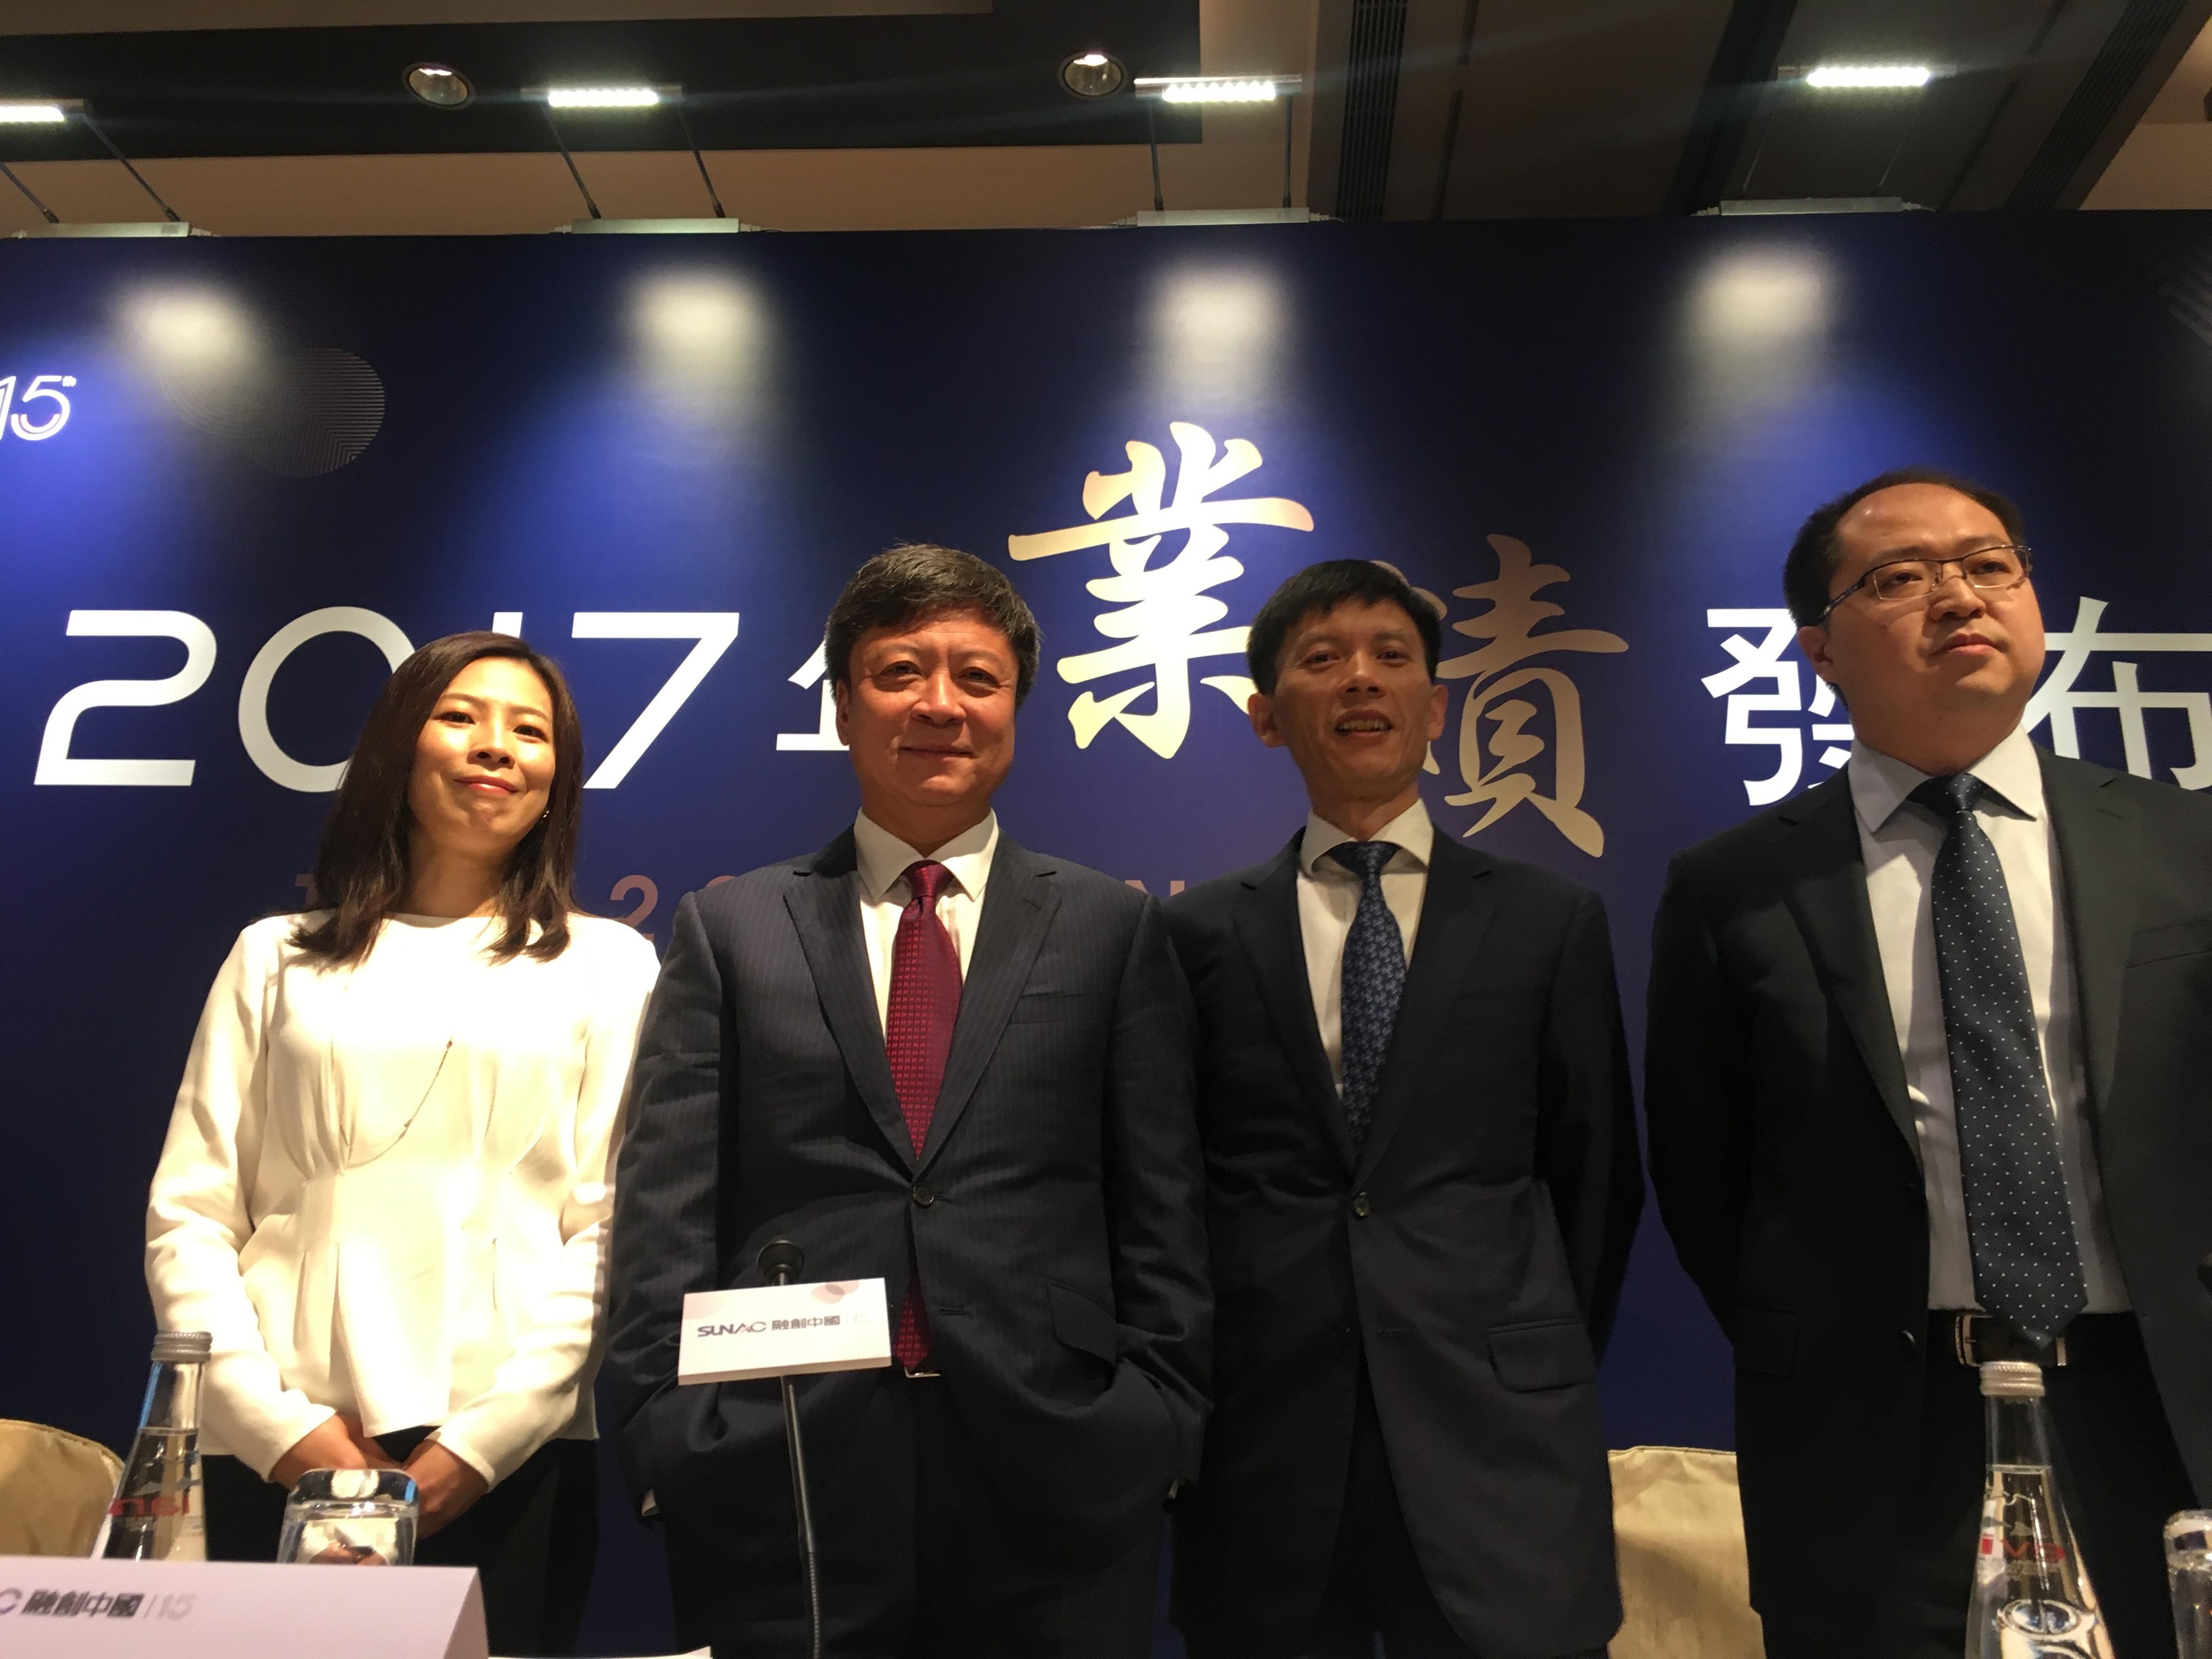 孙宏斌:投资乐视失败,向股东检讨